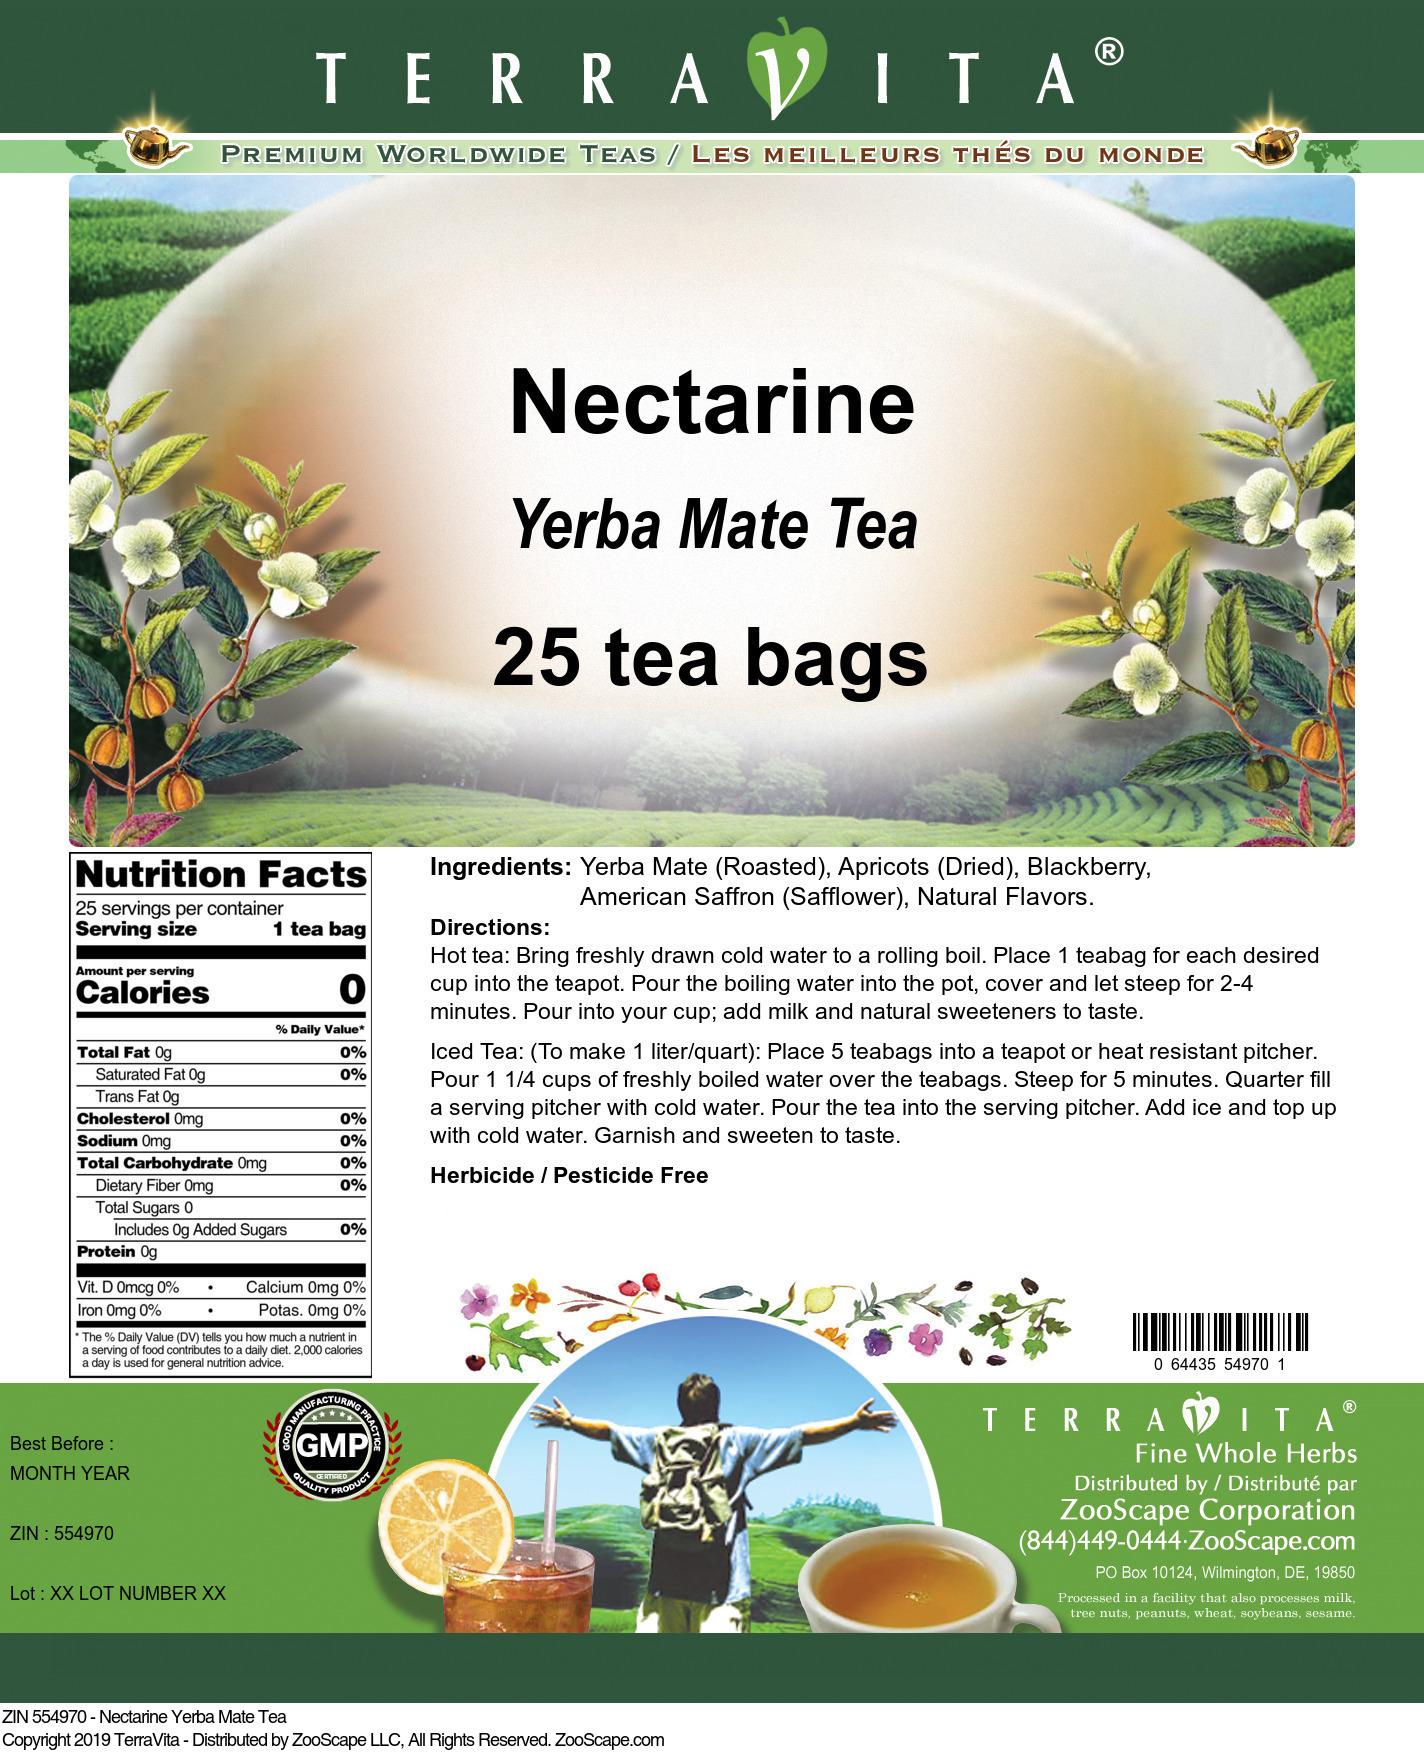 Nectarine Yerba Mate Tea